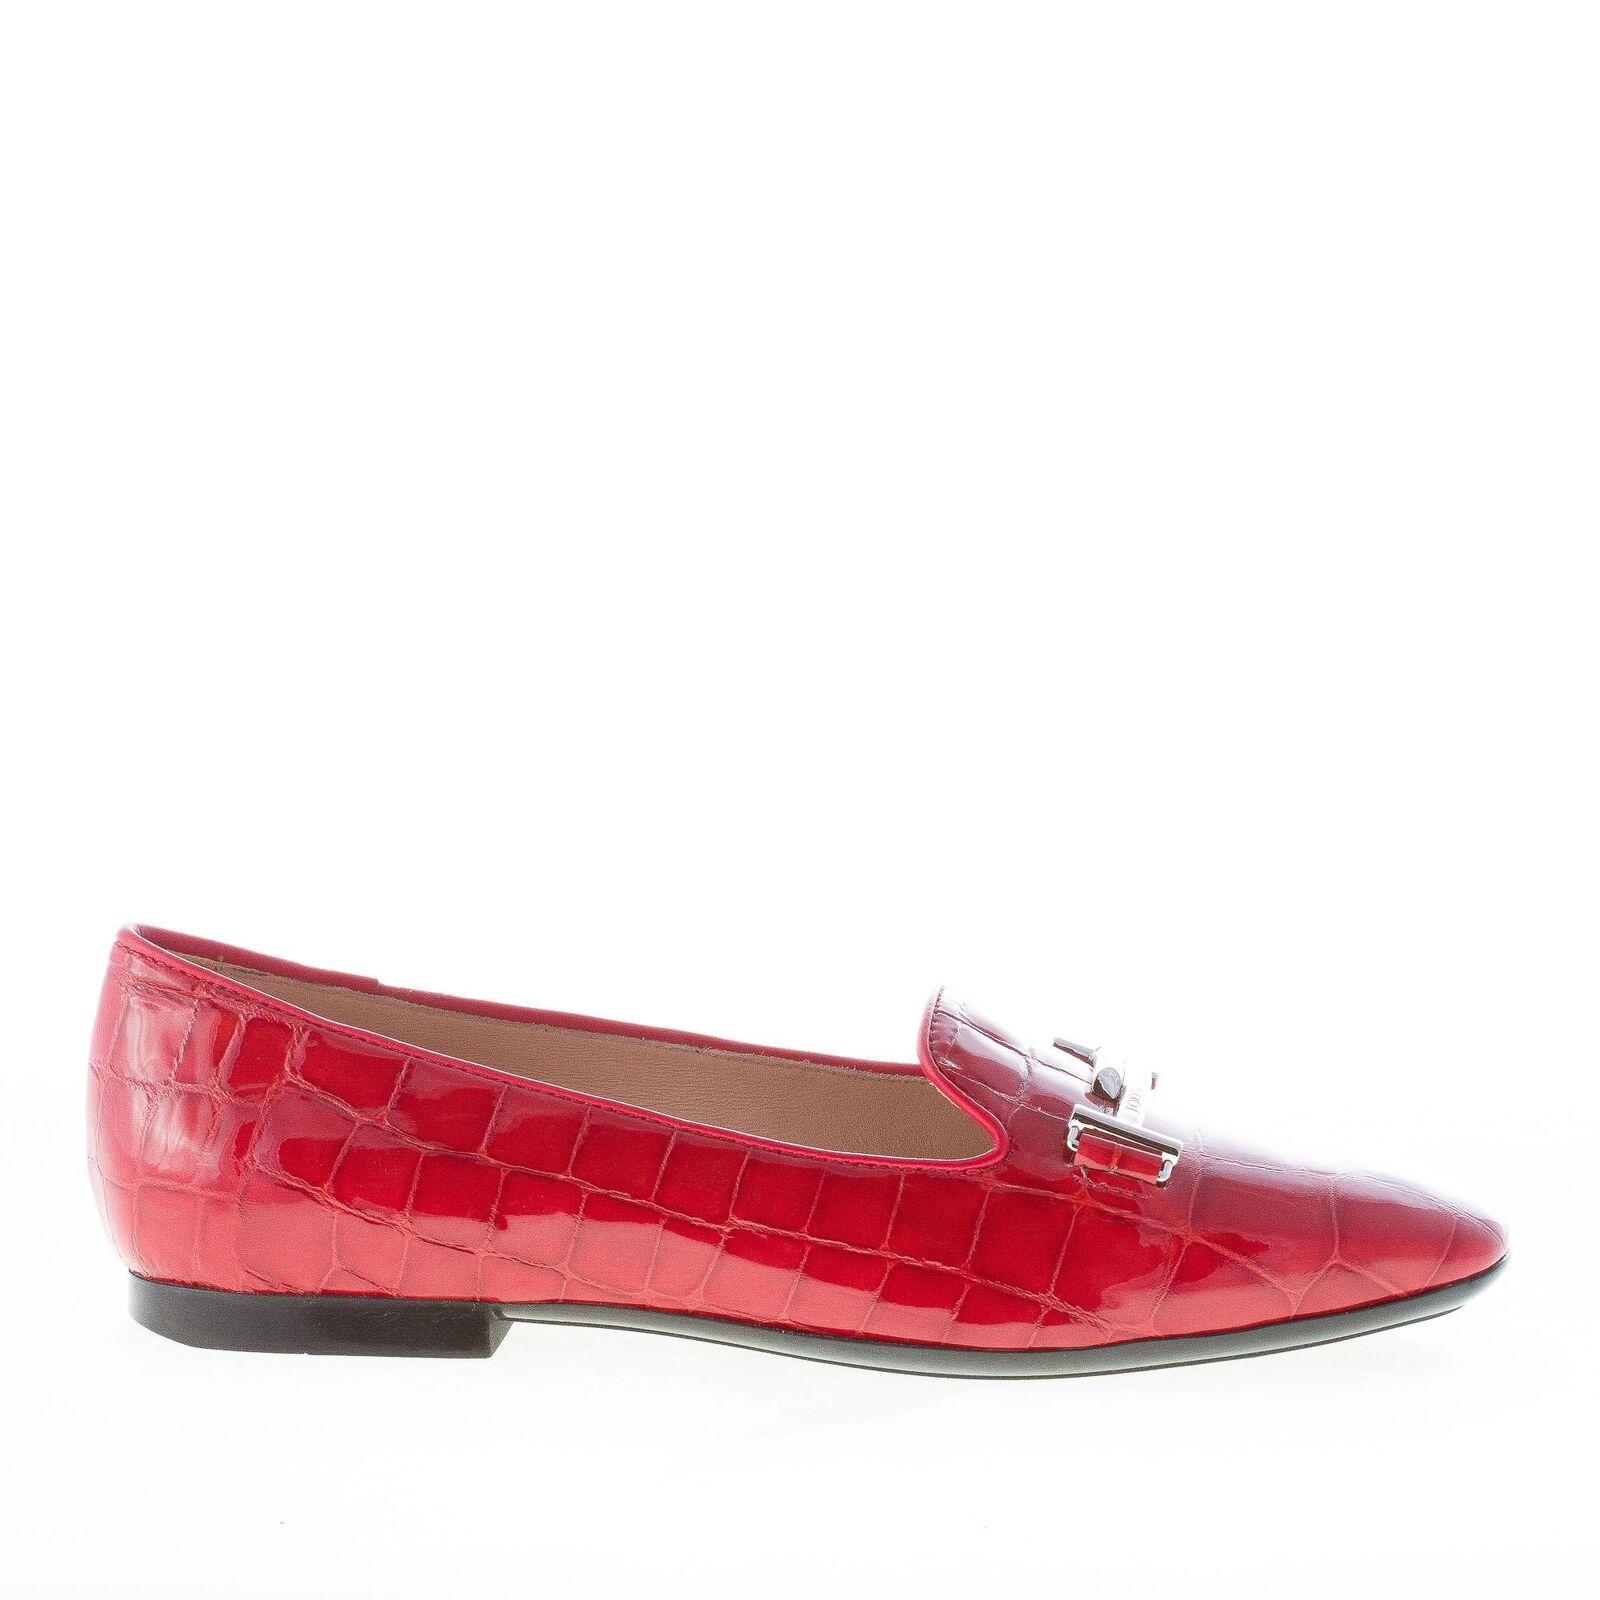 TOD's donna scarpe rosso Croc  Empord Leather Double T Loafer xxxw47a0v140fq18f  clienti prima reputazione prima